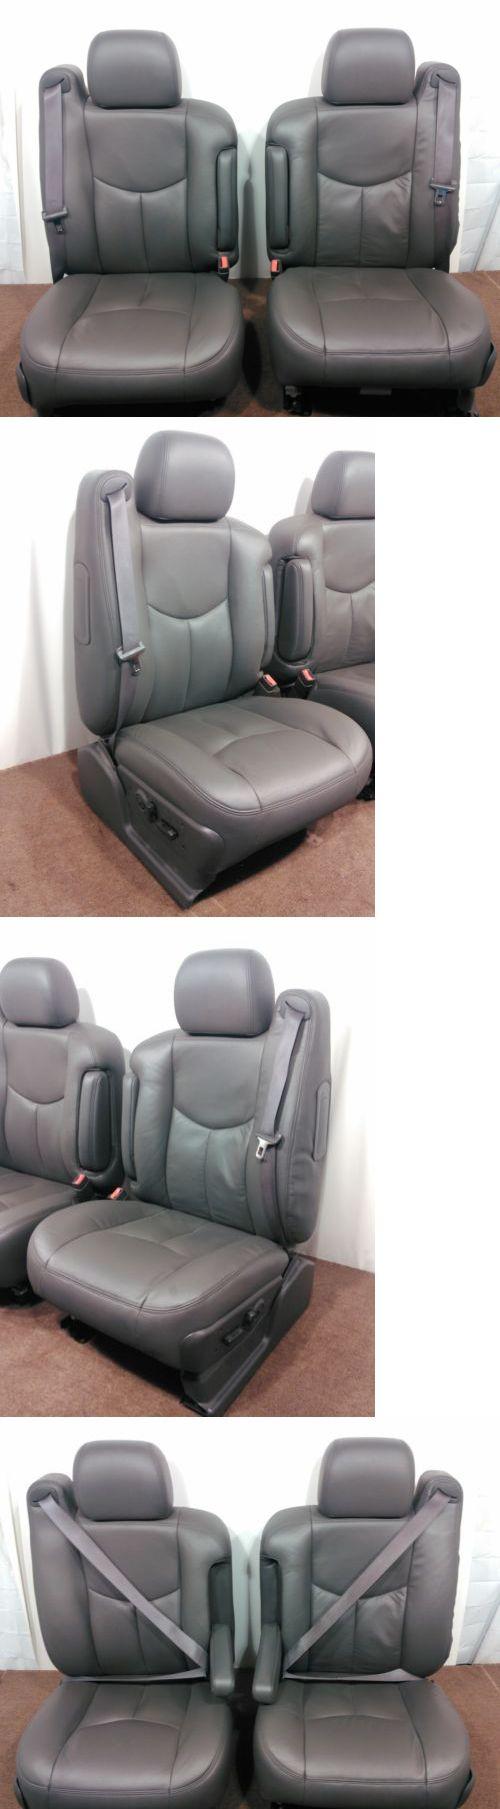 SUVs: Gm Chevy Truck Suv Oem Front Seats Silverado Tahoe Sierra 2003 2004 2005 2006 -> BUY IT NOW ONLY: $950 on eBay!